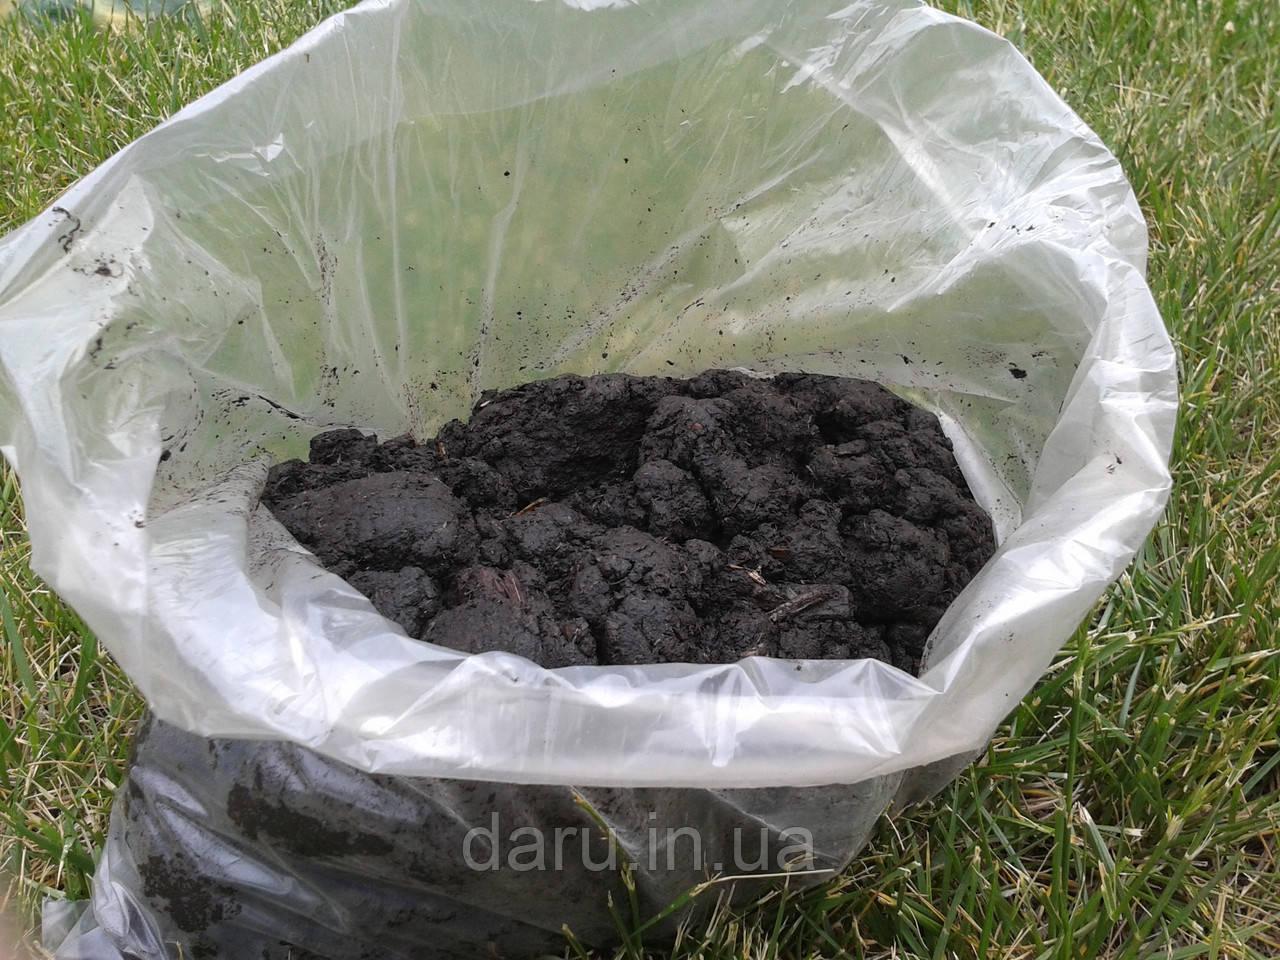 Покровная почва для выращивания шампиньона на 0.5 кв. метр ОПТ